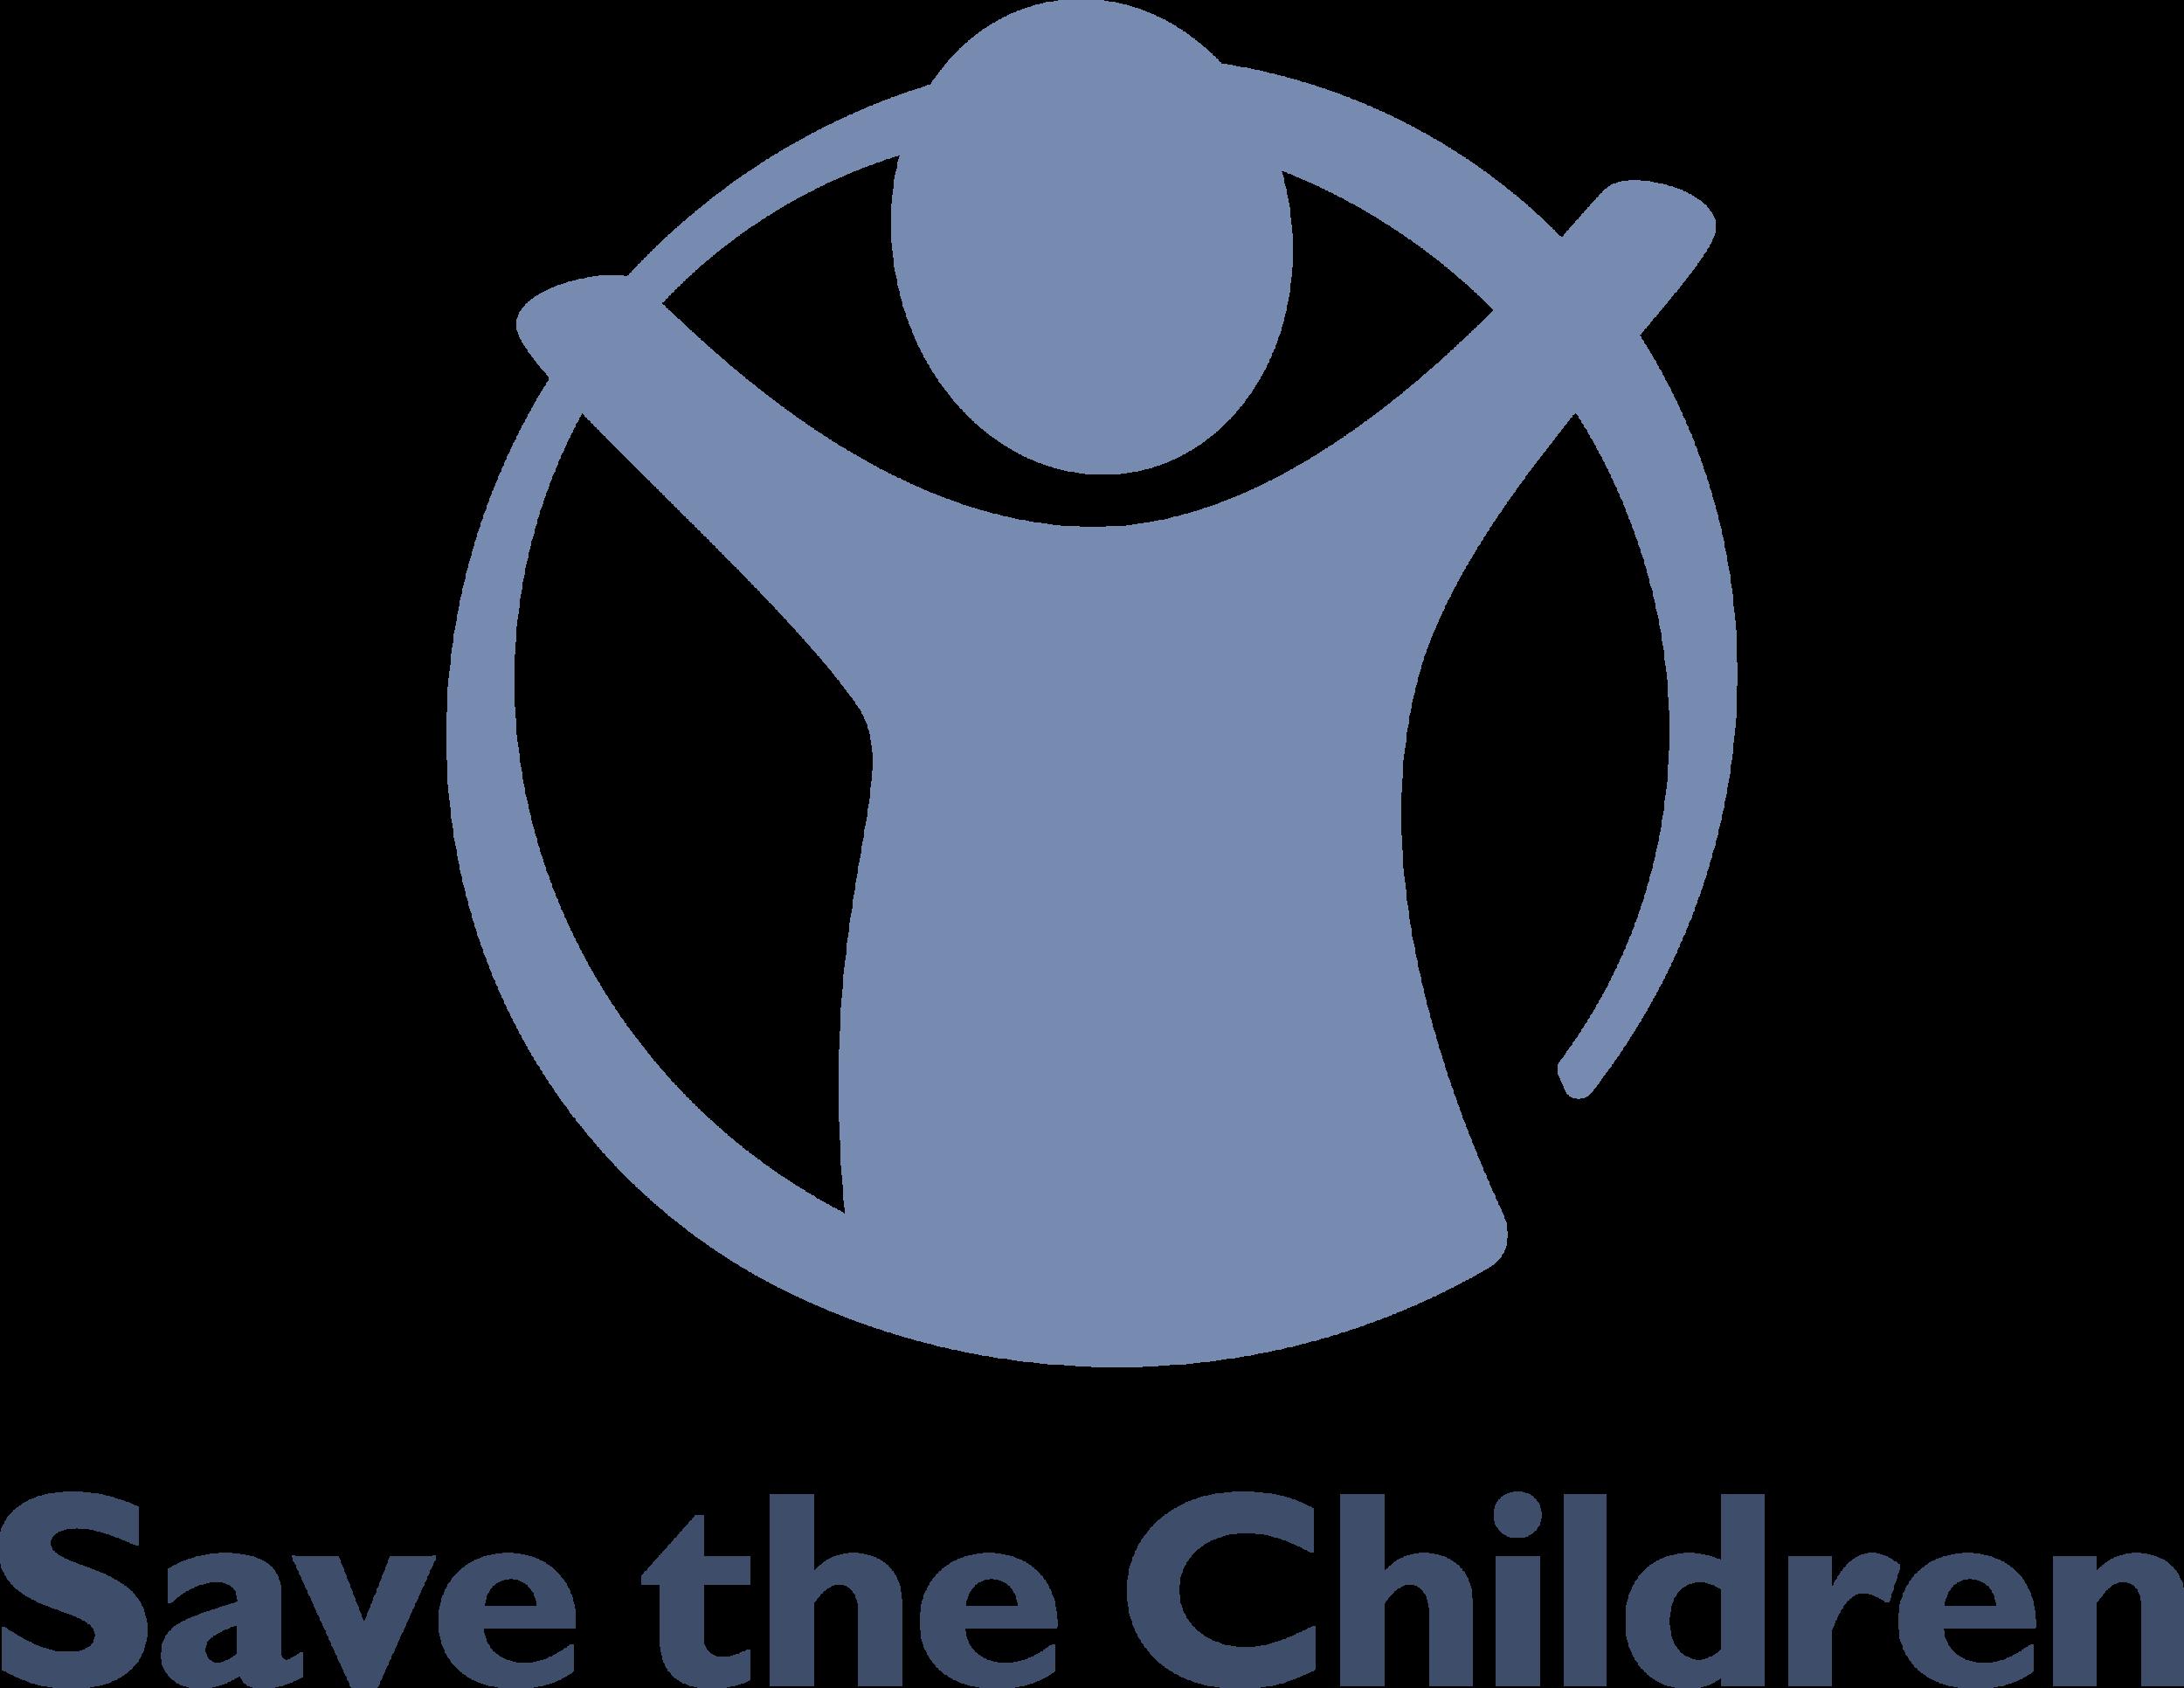 Bond-street-languages_Client_Save-the-children blue.png